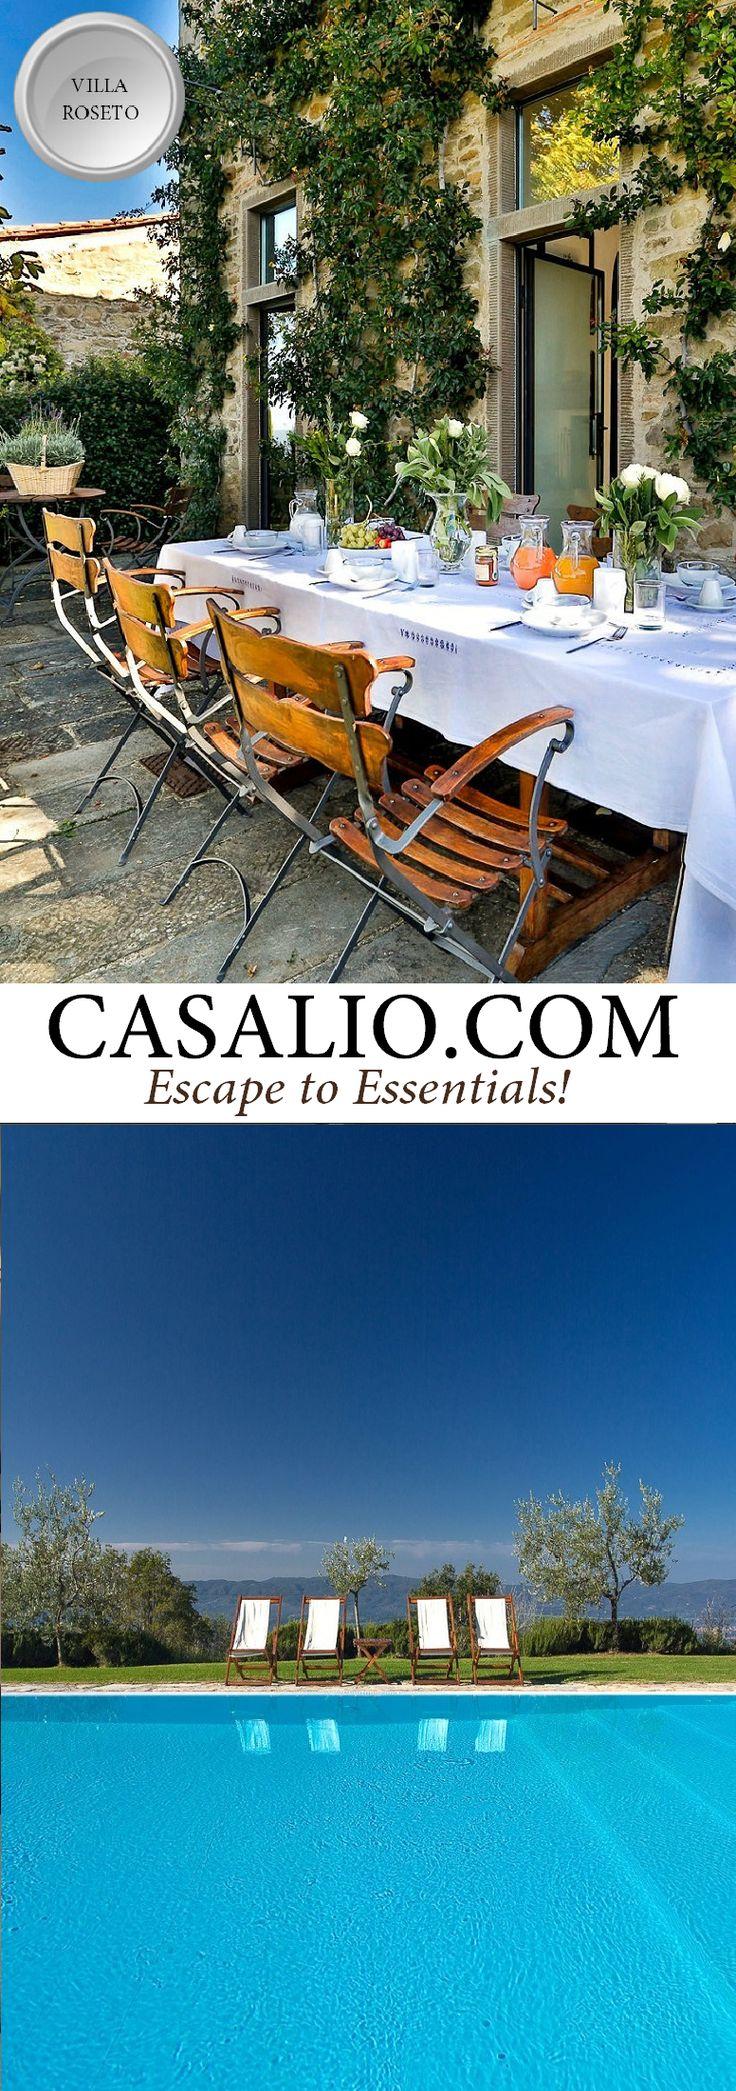 Best Villa Rentals in Italy  - Villa Roseto    www.casalio.com   Italy - Tuscany    Arezzo, 4 bedrooms, big…